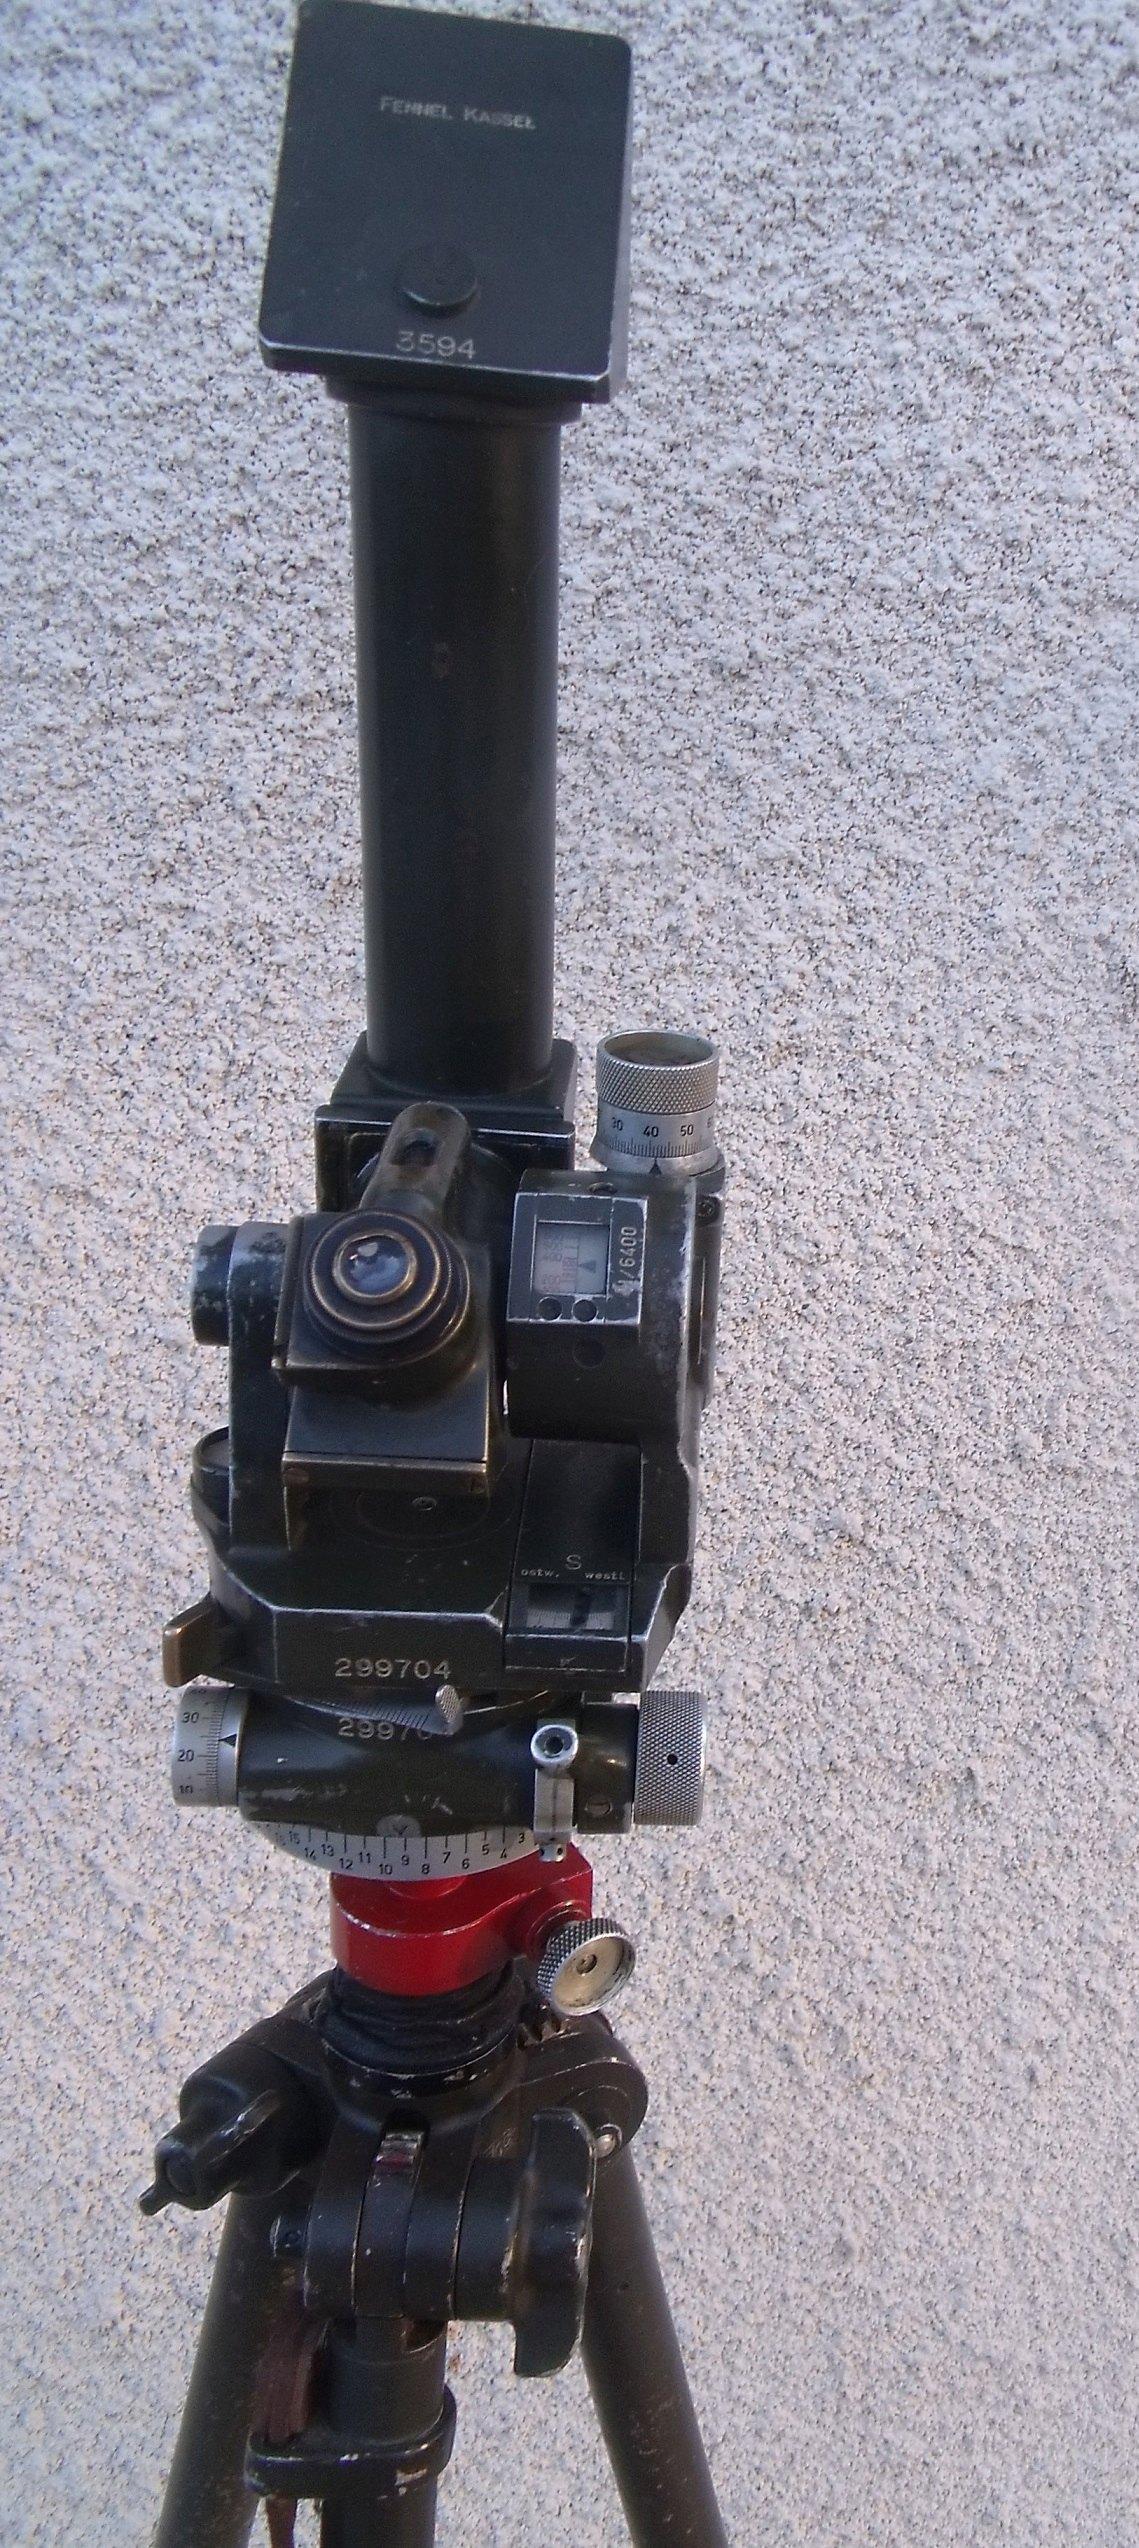 31 - richtkreis 31 dernier achat optique allemand ww2 00324